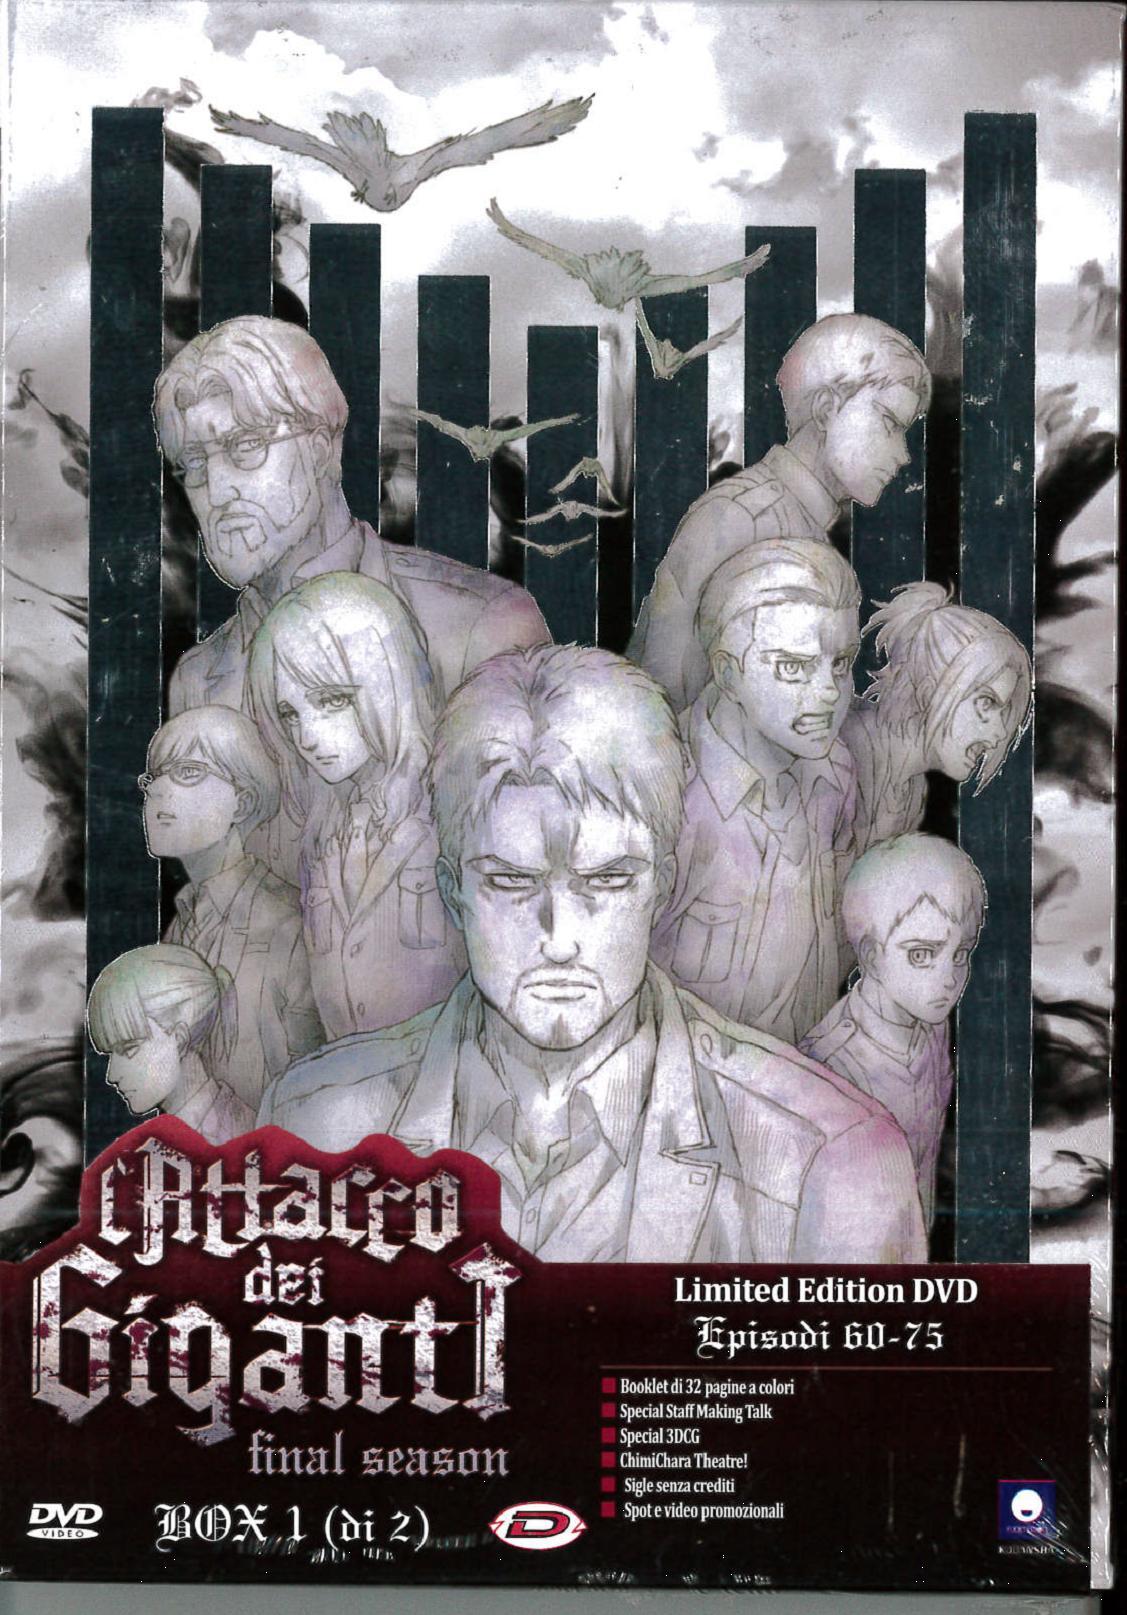 COF.L'ATTACCO DEI GIGANTI - THE FINAL SEASON BOX #01 (EPS 01-16